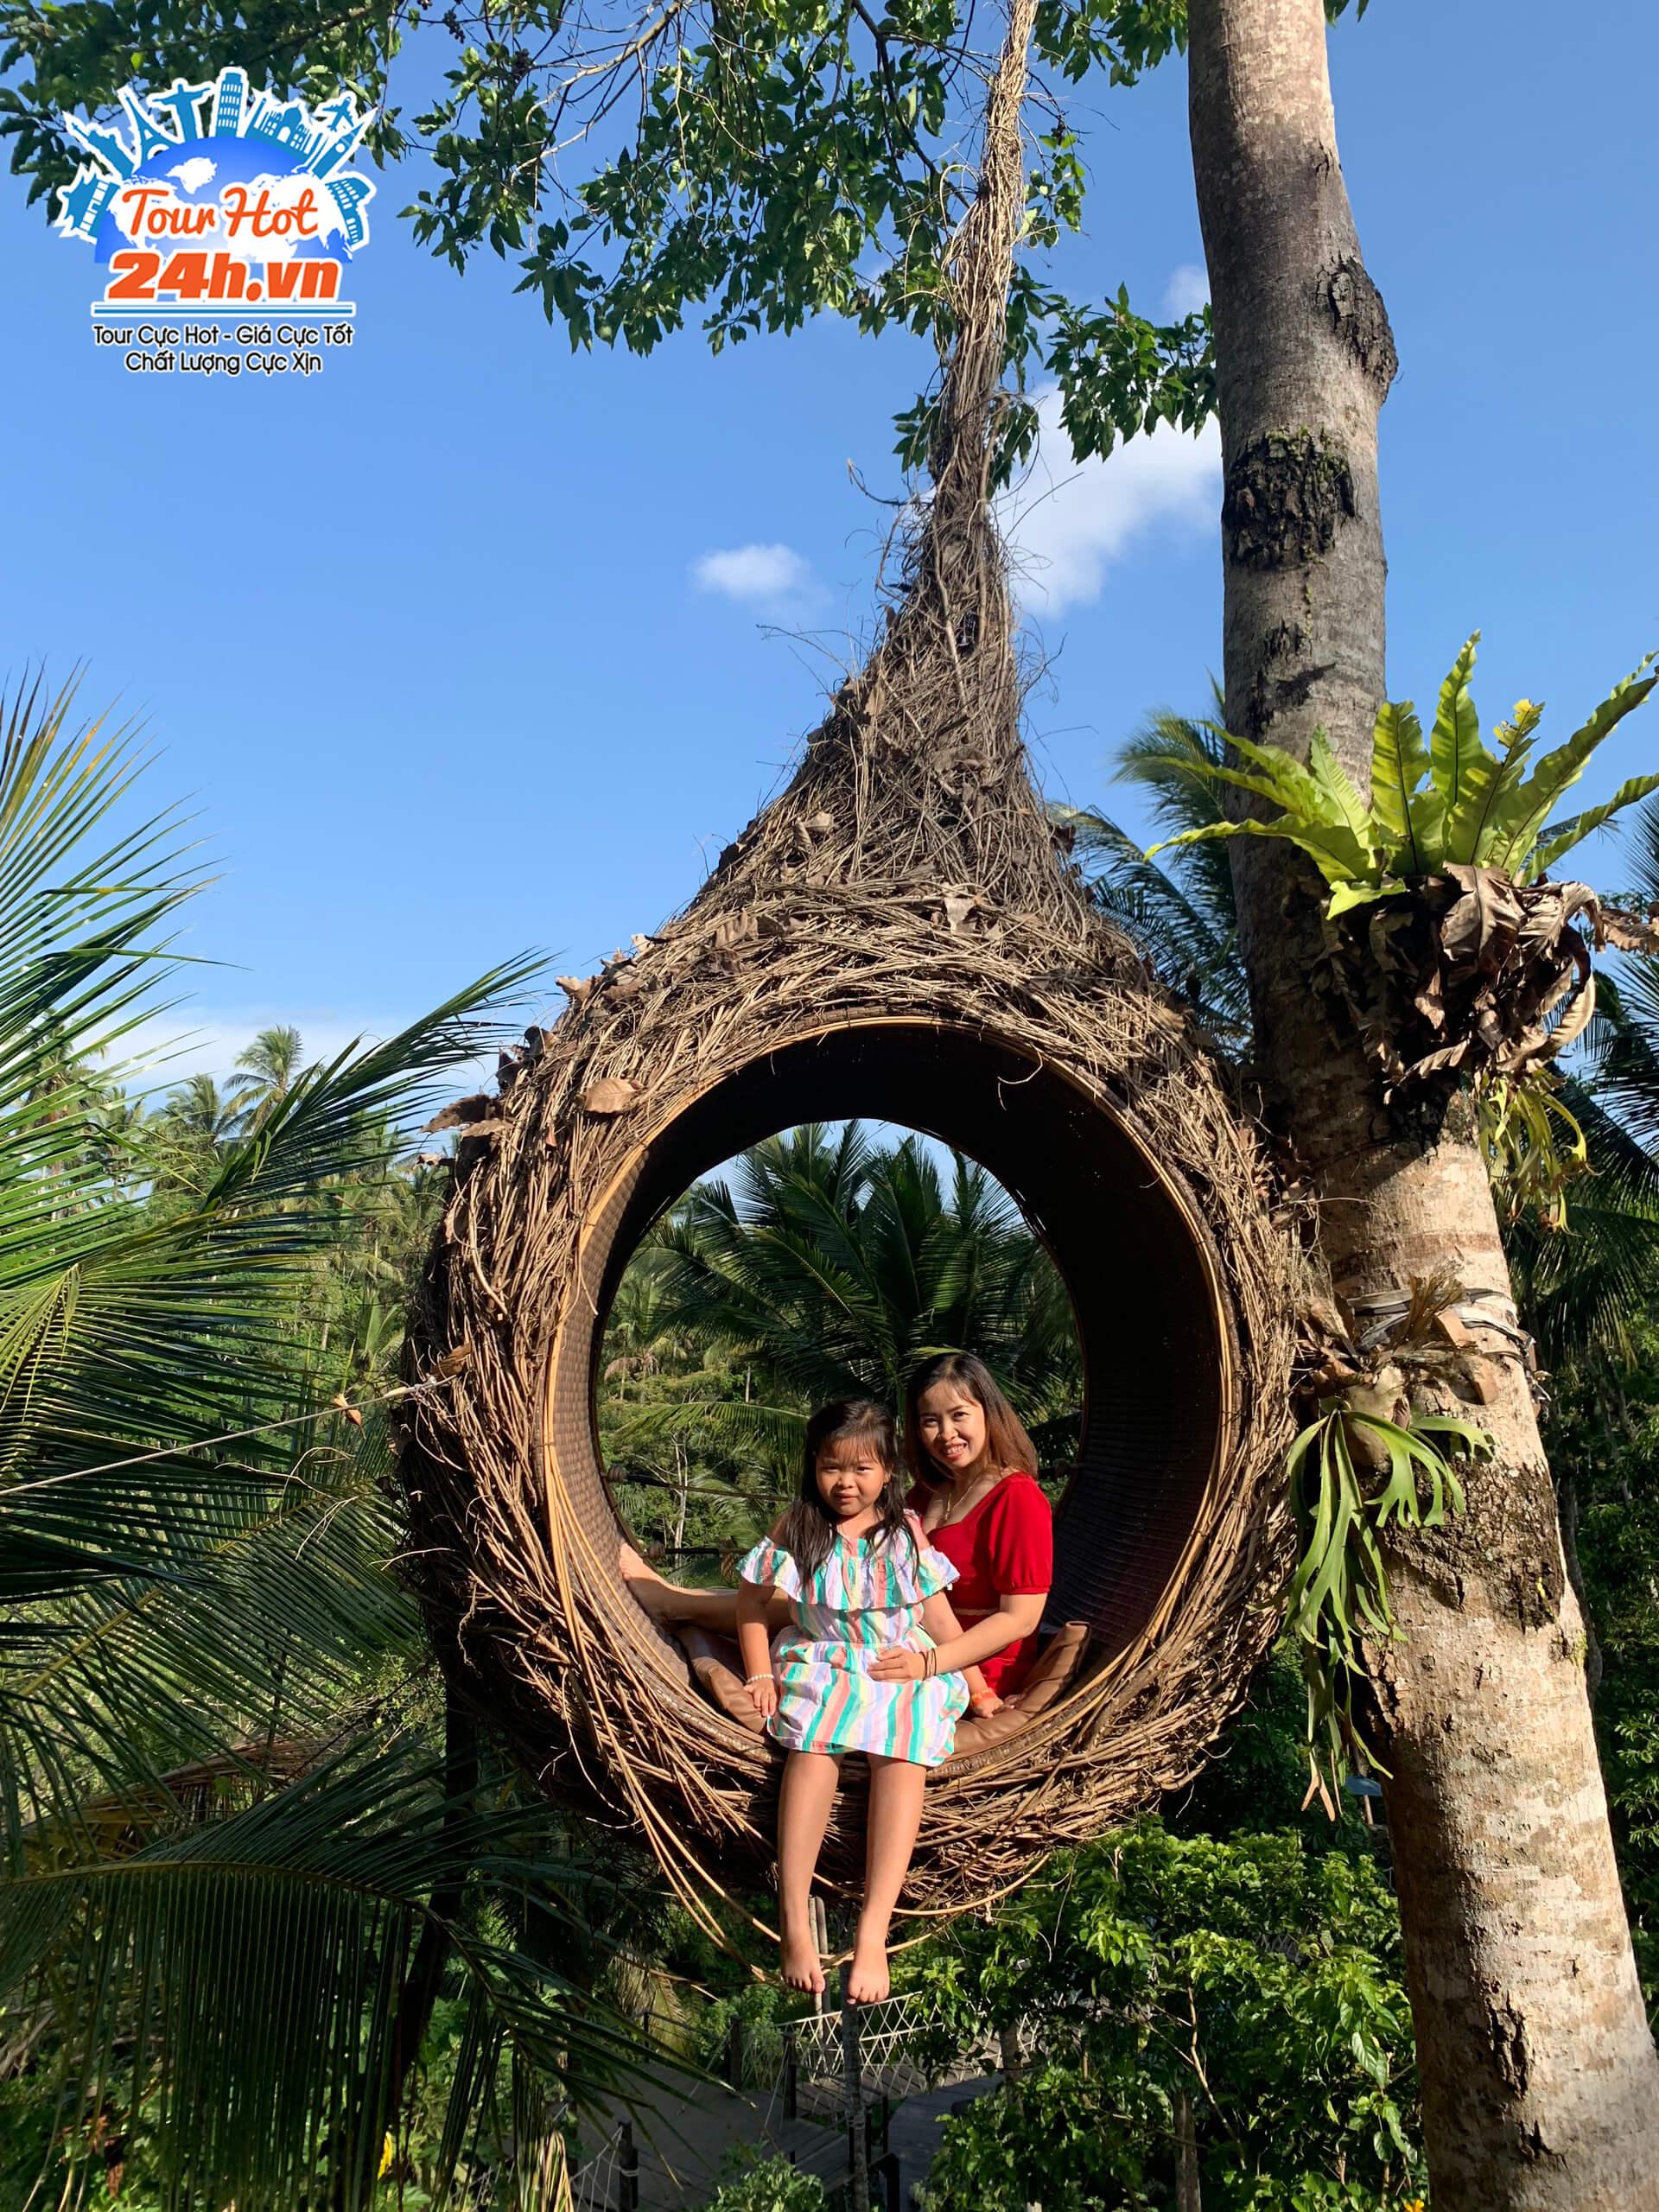 Gia đình tham gia tour Bali chụp hình bên tổ chim ở Bali